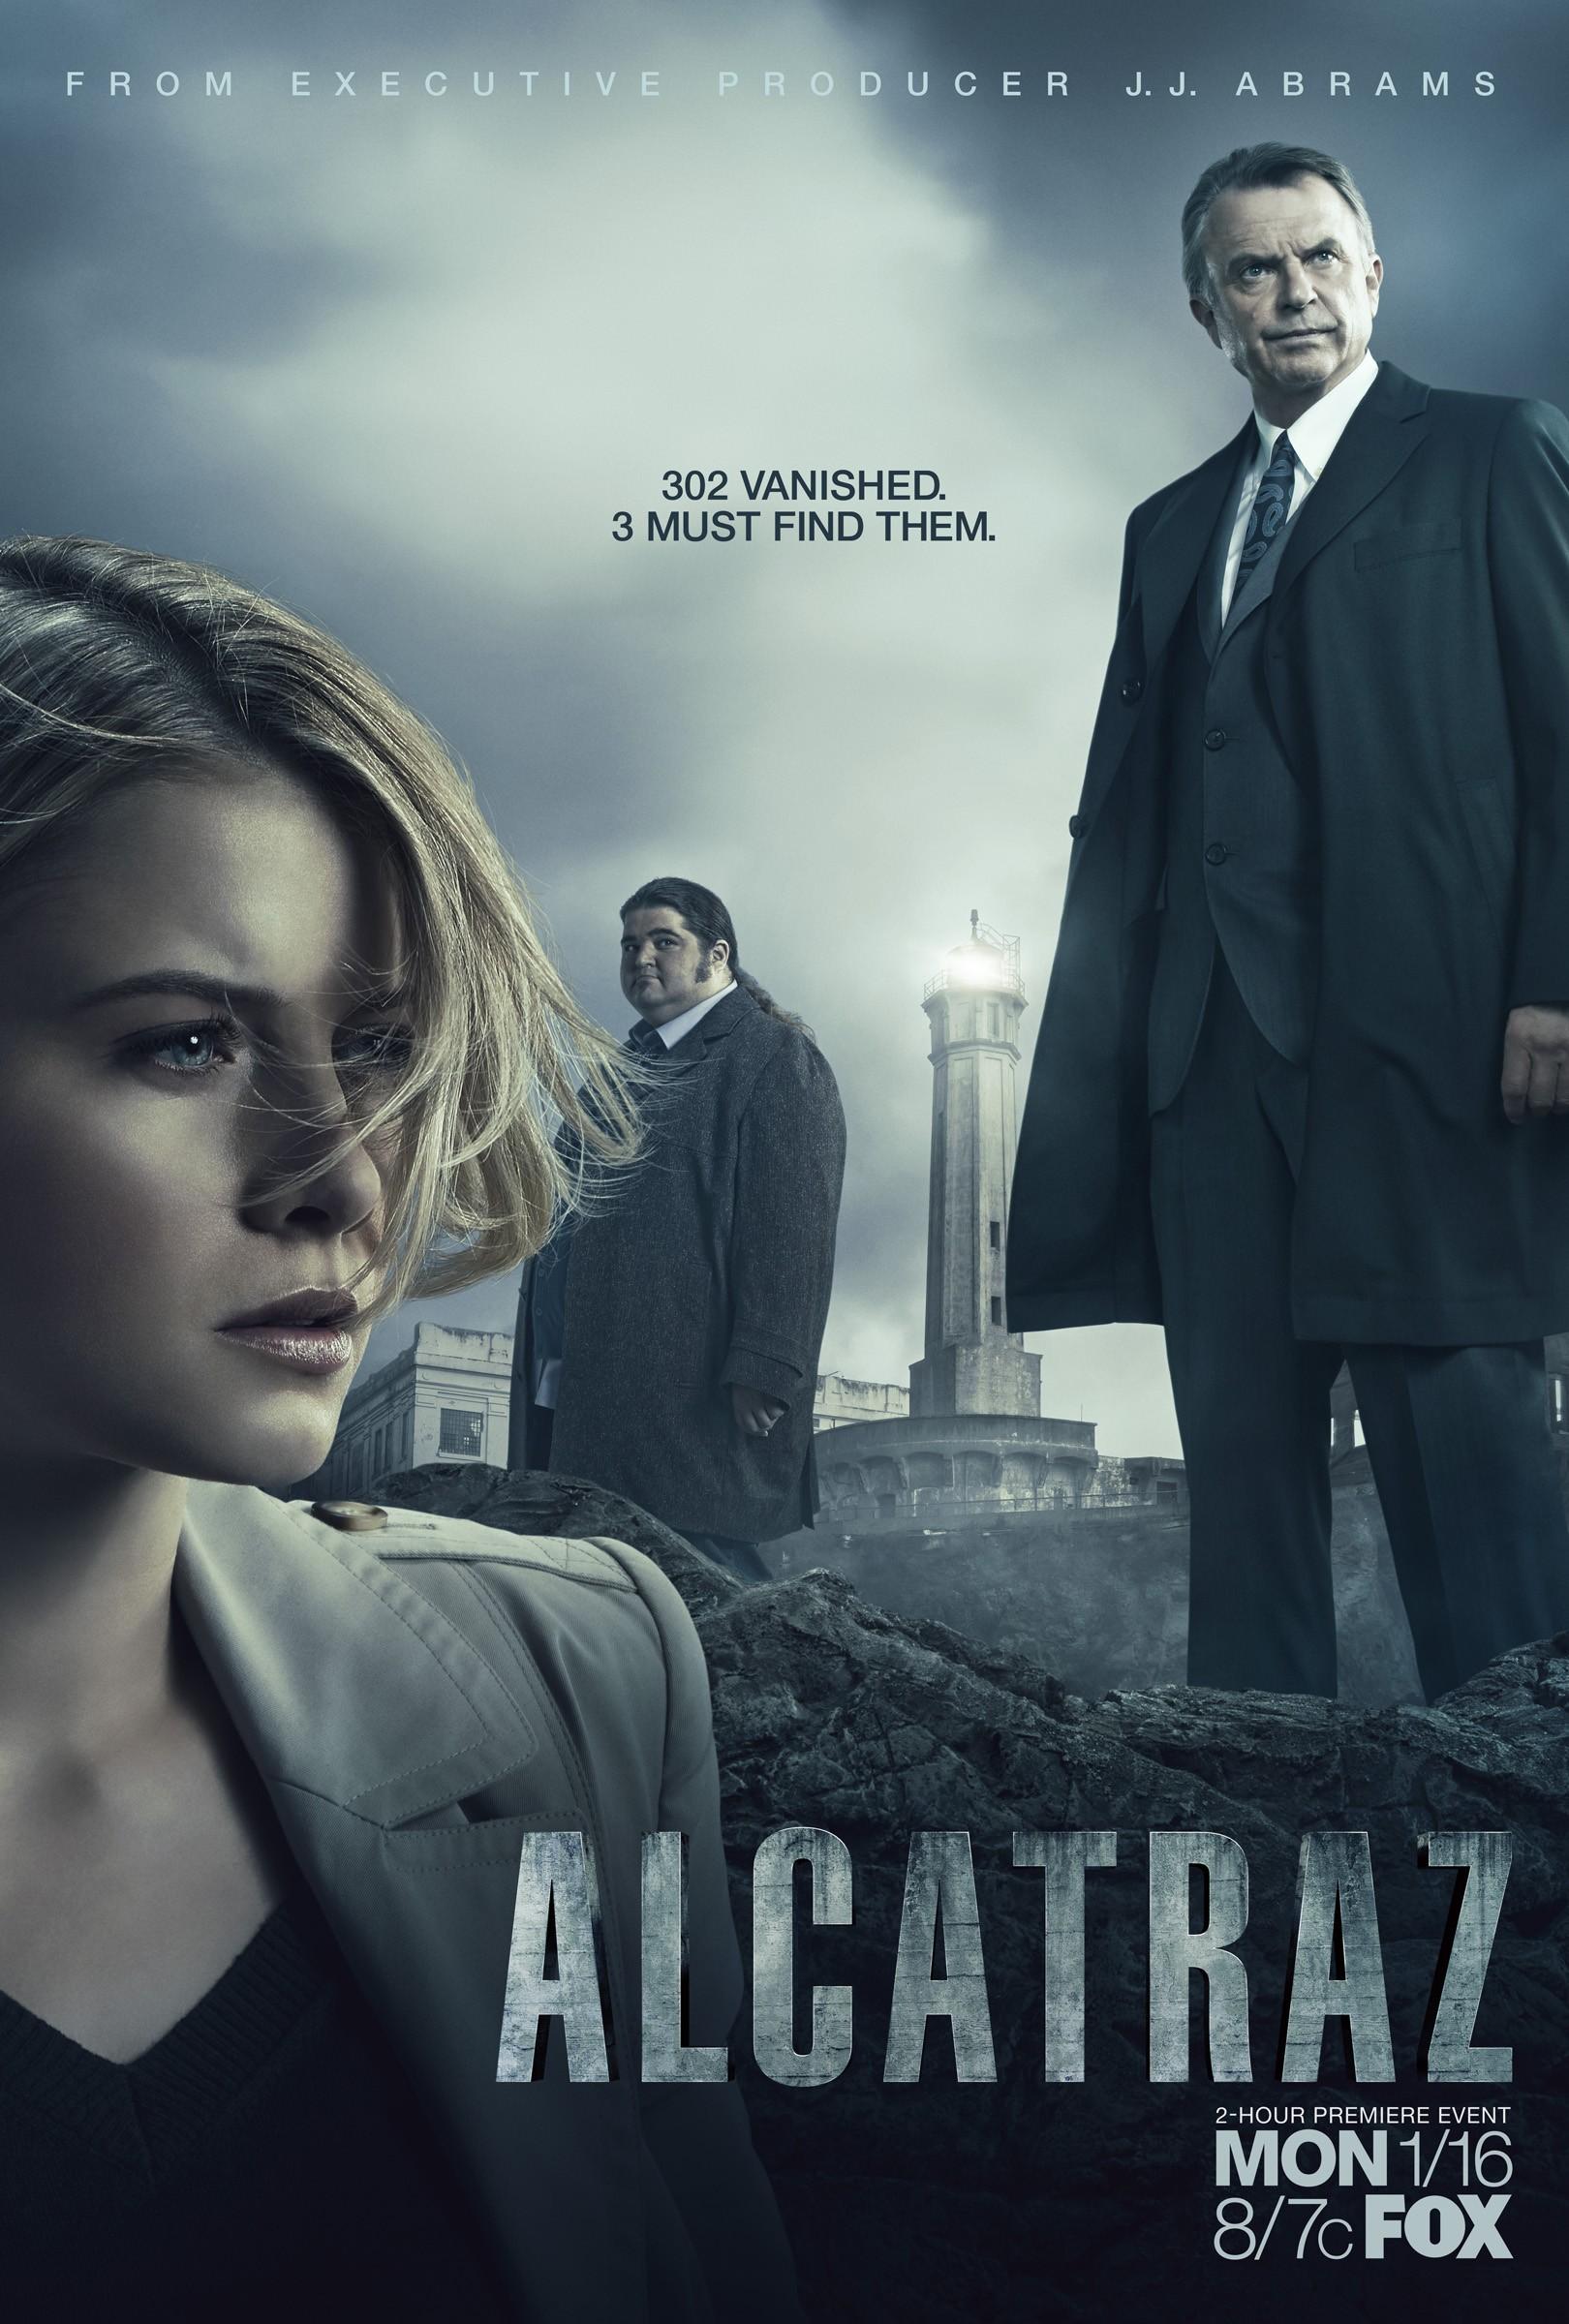 http://st.kinopoisk.ru/im/poster/1/7/7/kinopoisk.ru-Alcatraz-1775098--o--.jpg